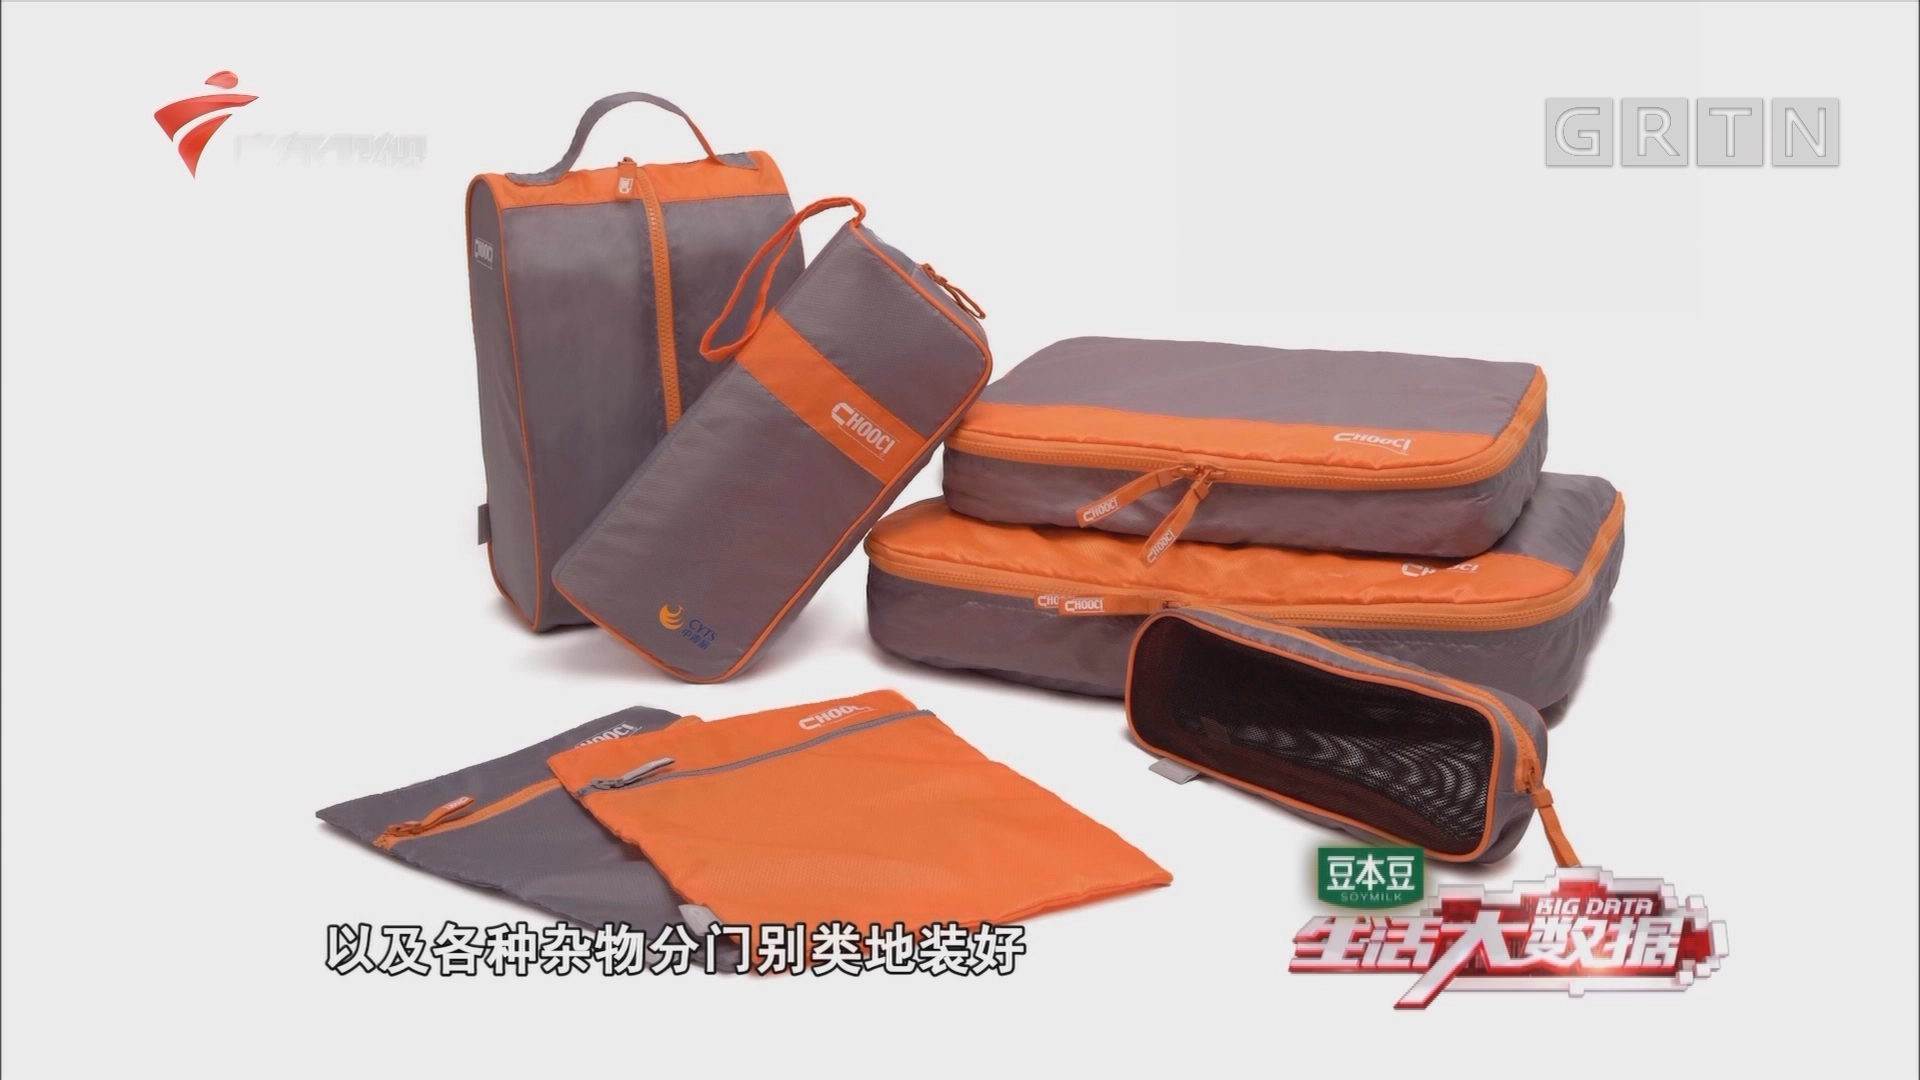 高效的行李收纳指南